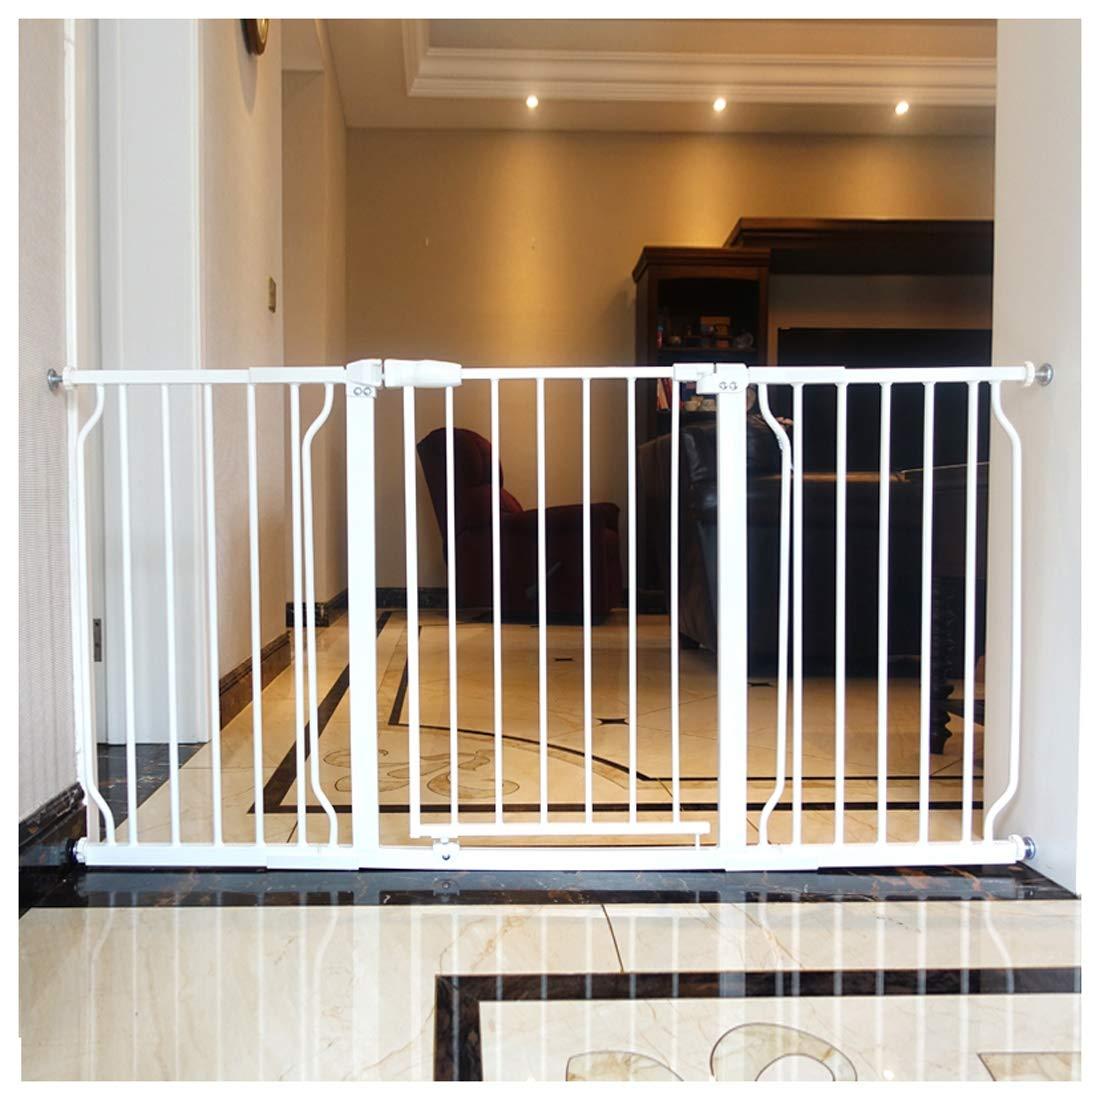 Extensible Metal Puerta de Seguridad para Puertas y Escalera Ajuste de Presión, Sin Perforación, Auto Cerrado Pet Gate Escalera Bebé Puerta de Seguridad 70cm - 85cm Portón con Extensiones: Amazon.es: Hogar